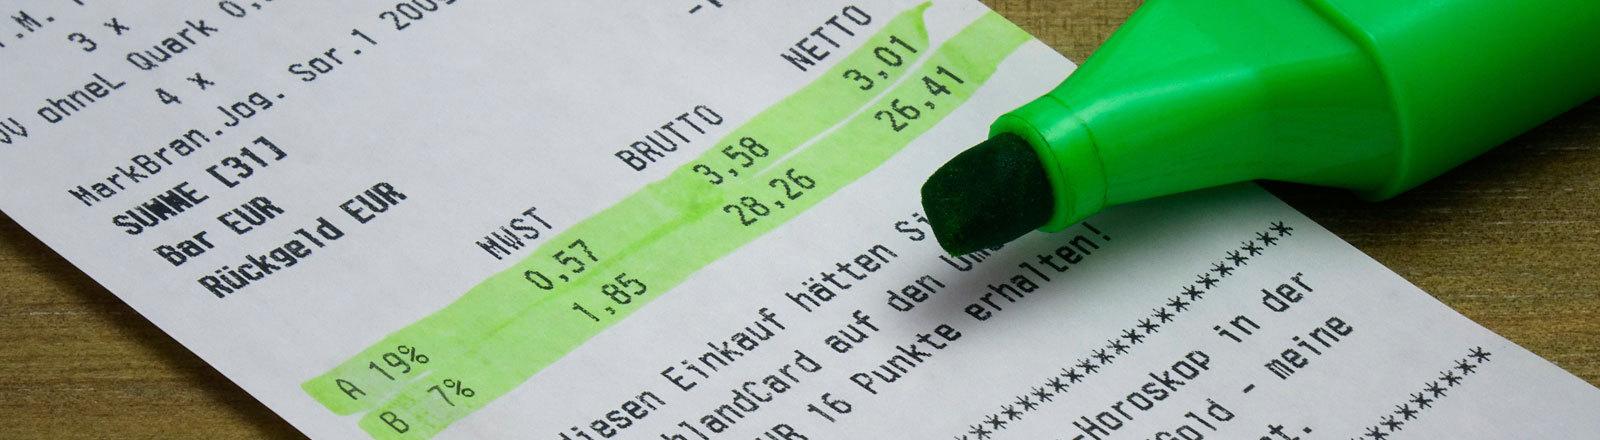 Ein grüner Marker hat die Mehrwertsteuer angestrichen.